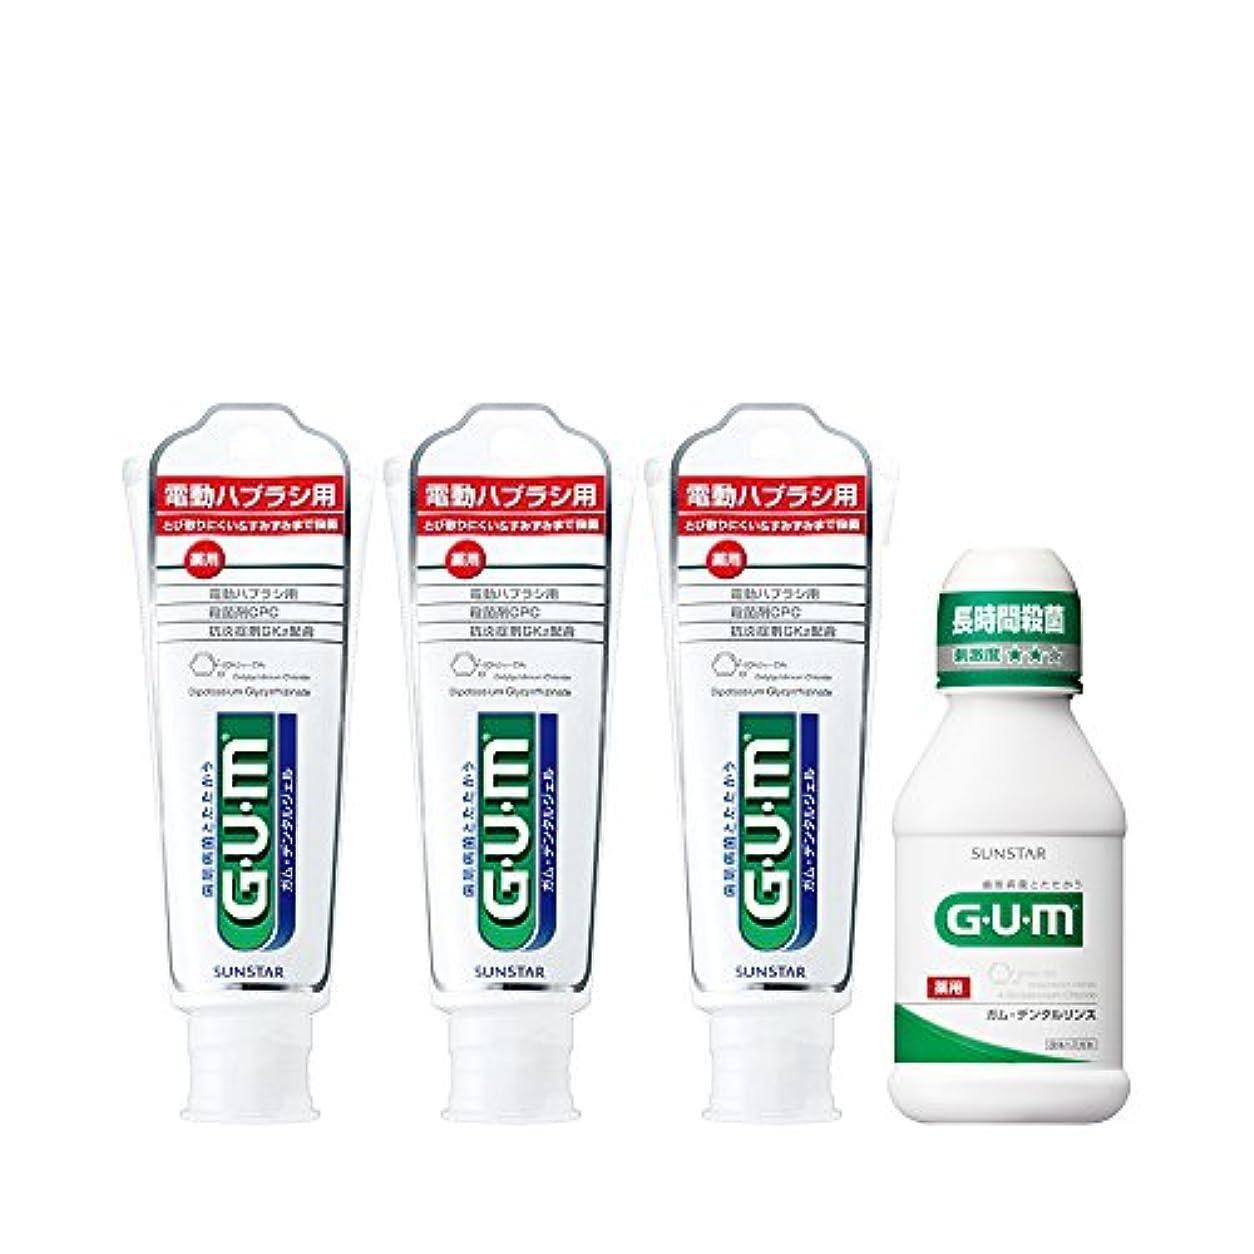 ブリードレビュアーにおい[医薬部外品] GUM(ガム) 電動ハブラシ用 デンタルジェル ハミガキ 65g <歯周病予防> 3個パック+GUM デンタルリンス 80mL